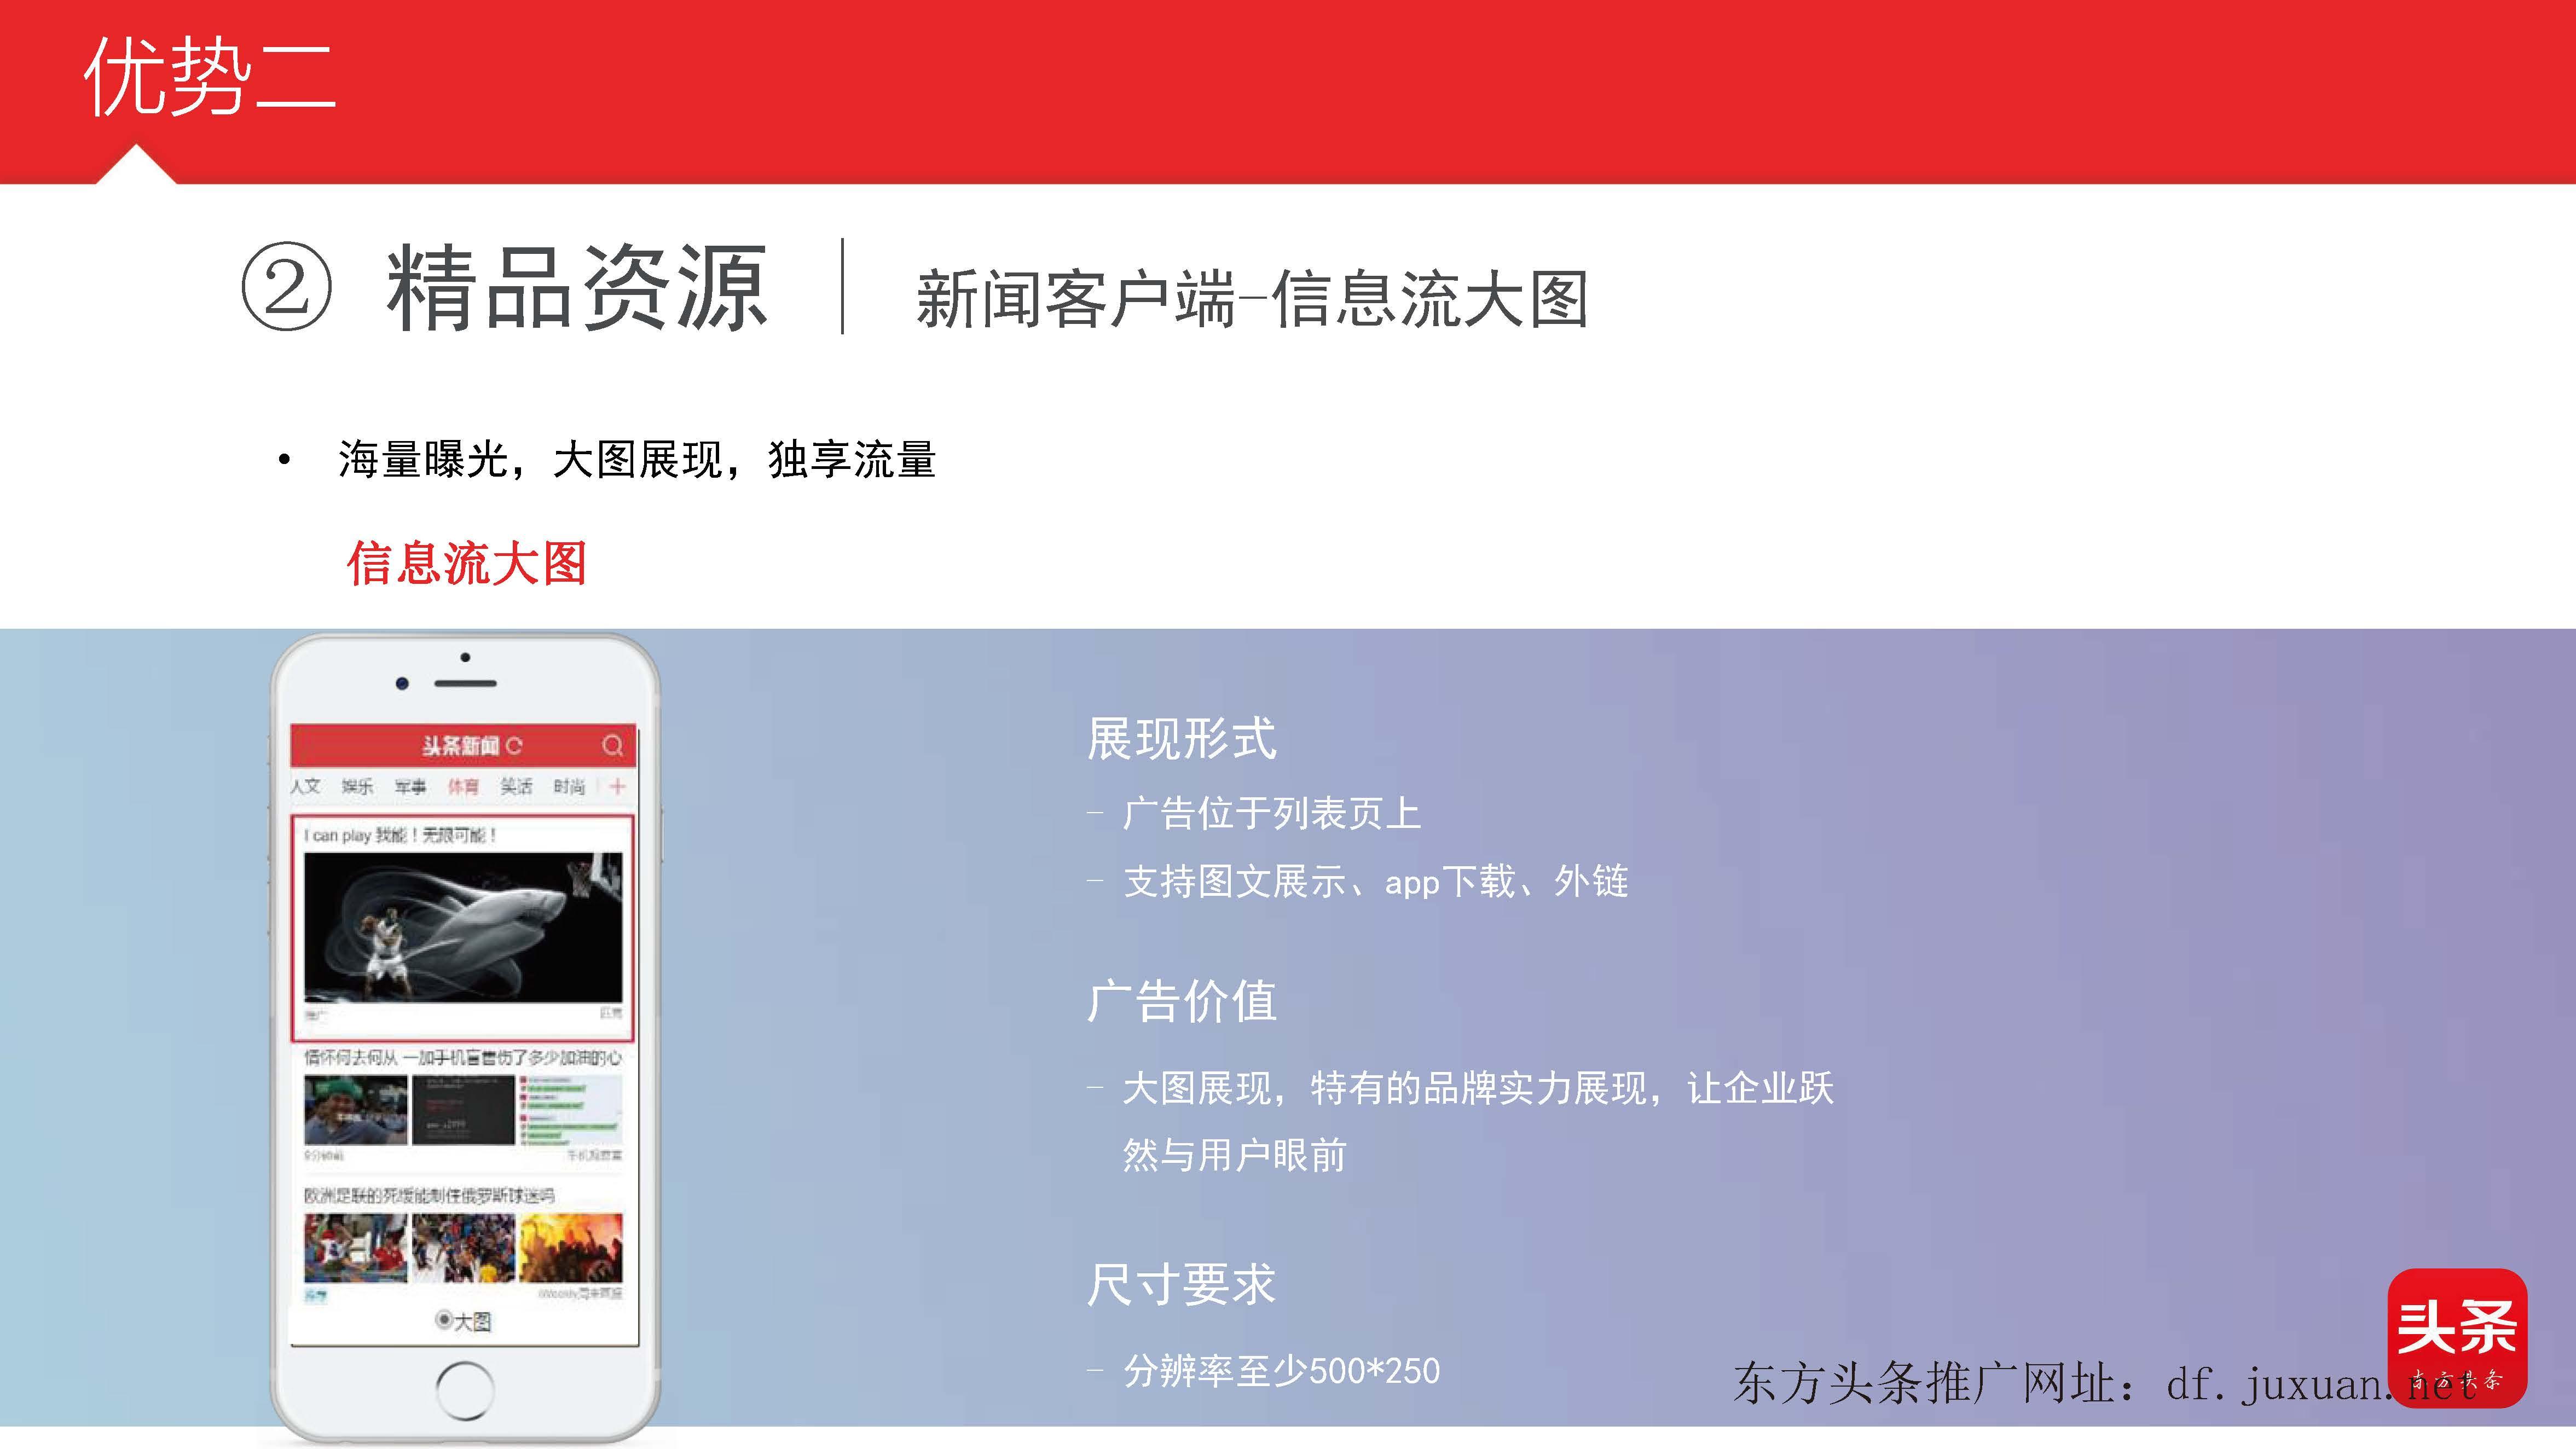 东方头条推广精品资源-新闻客户端信息流大图